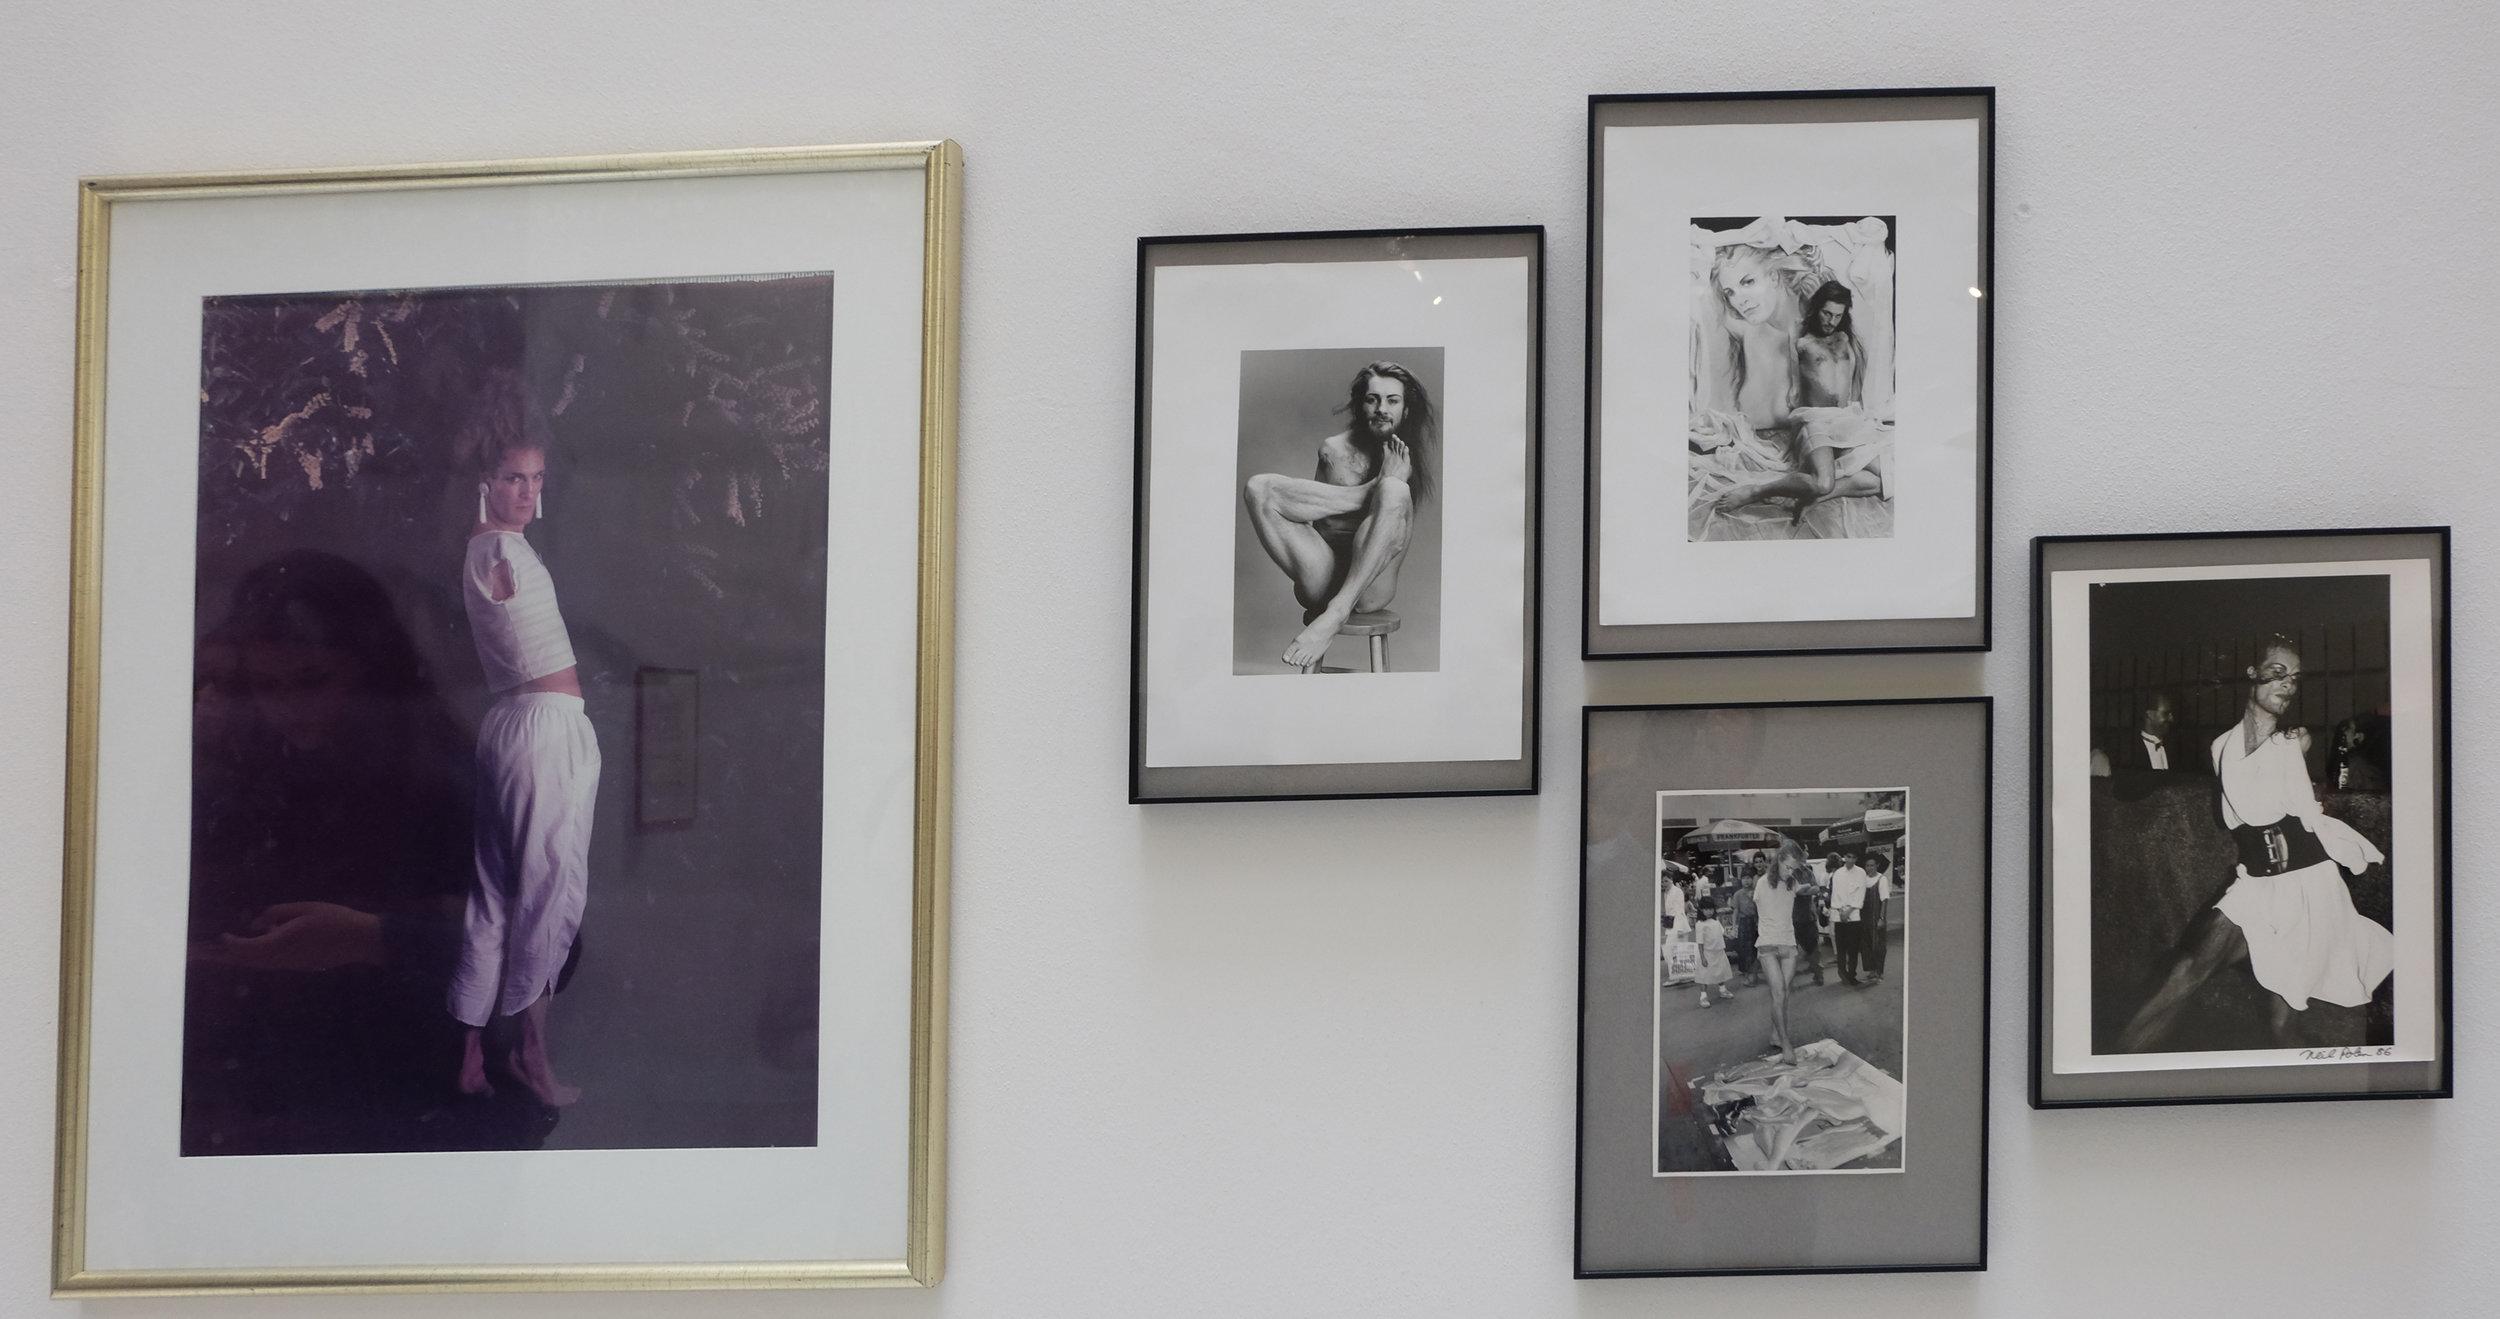 LORENZA BÖTTNER, Drawings, pastels, paintings, video, and archival materials, 1975-94.  Neue Galerie, Kassel